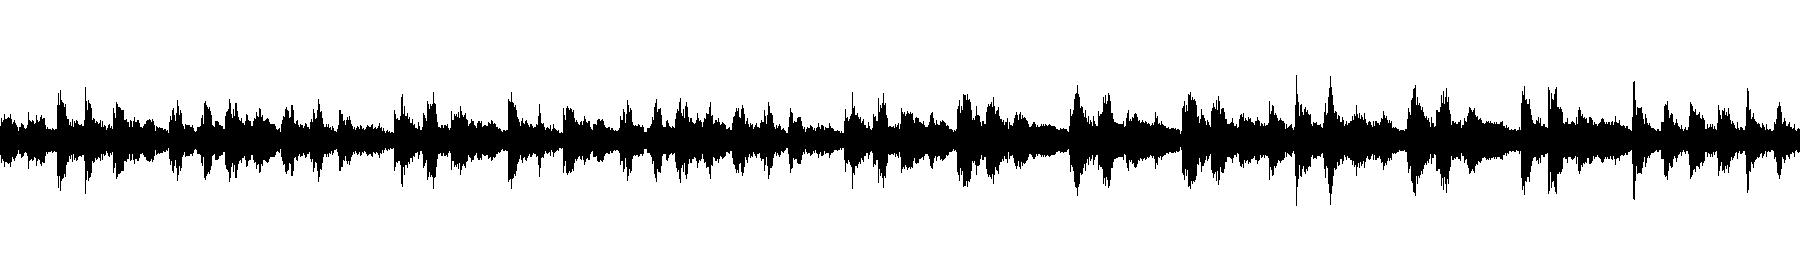 melody 23bpm85keyg